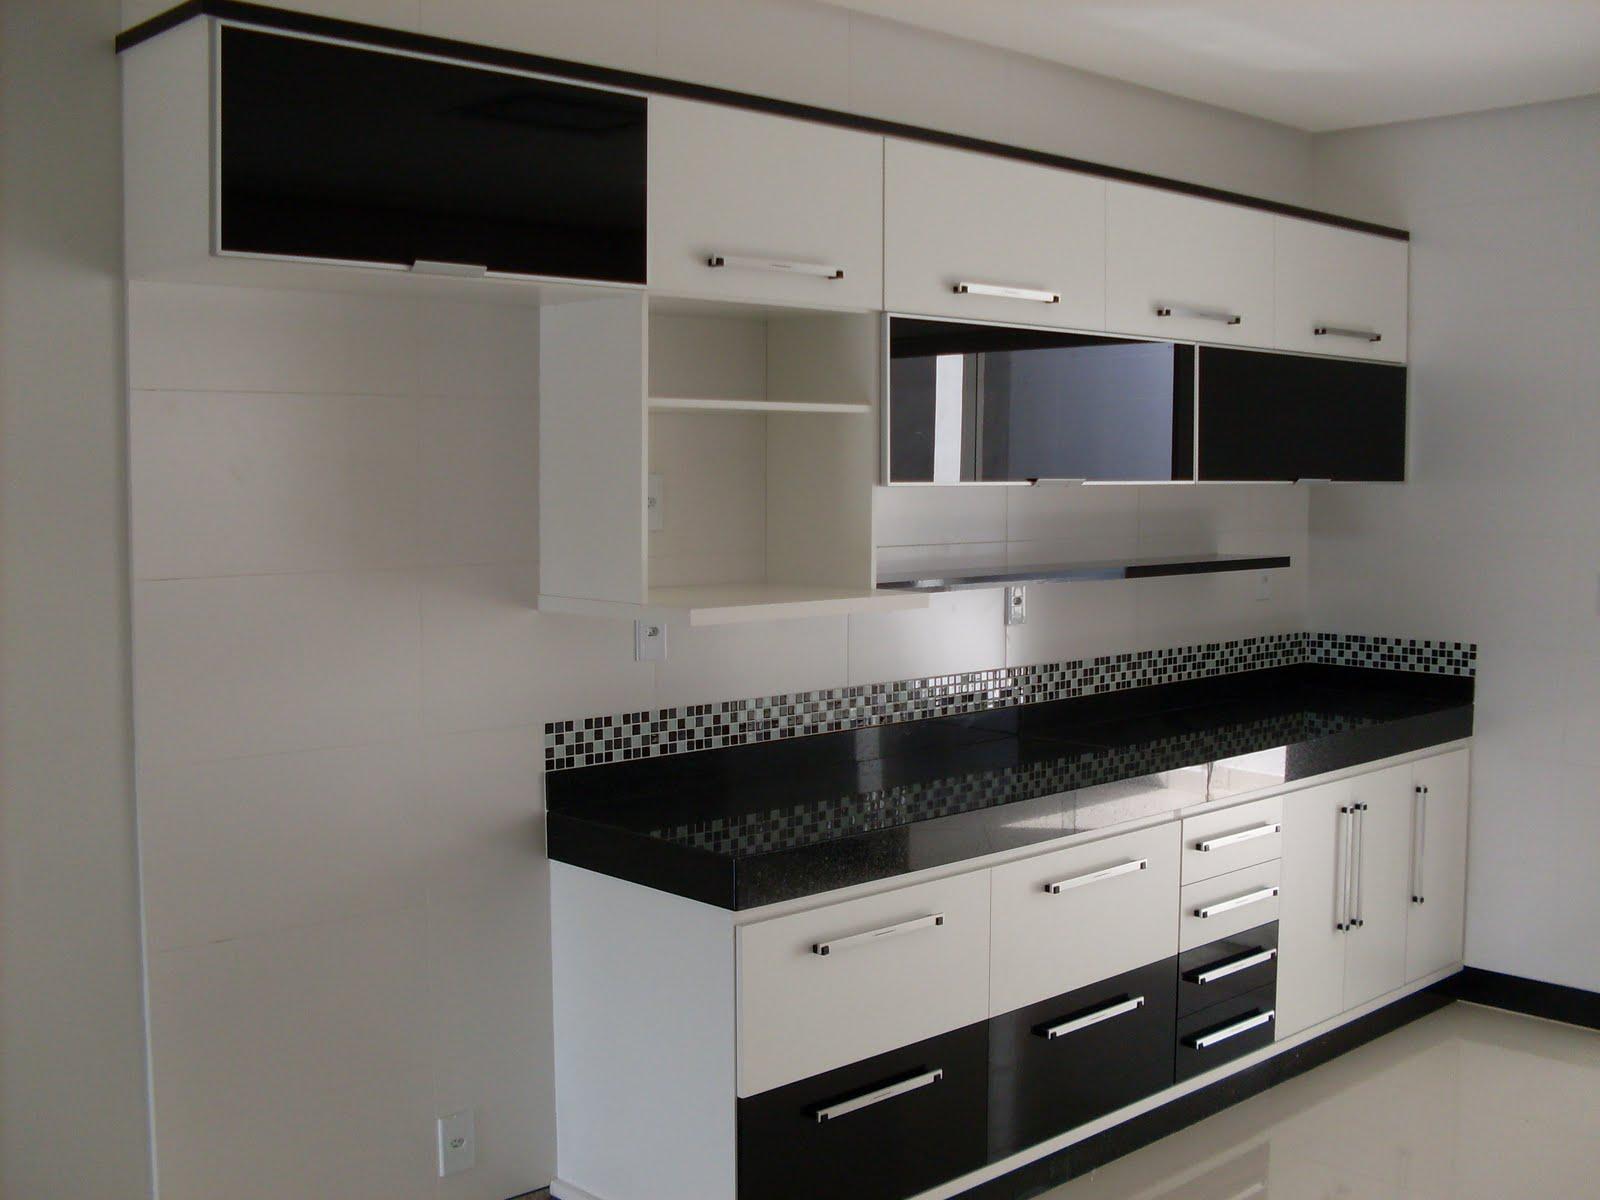 Cozinhas planejadas feita em MDF 15mm com portas de vidro na cor preta  #615D51 1600 1200